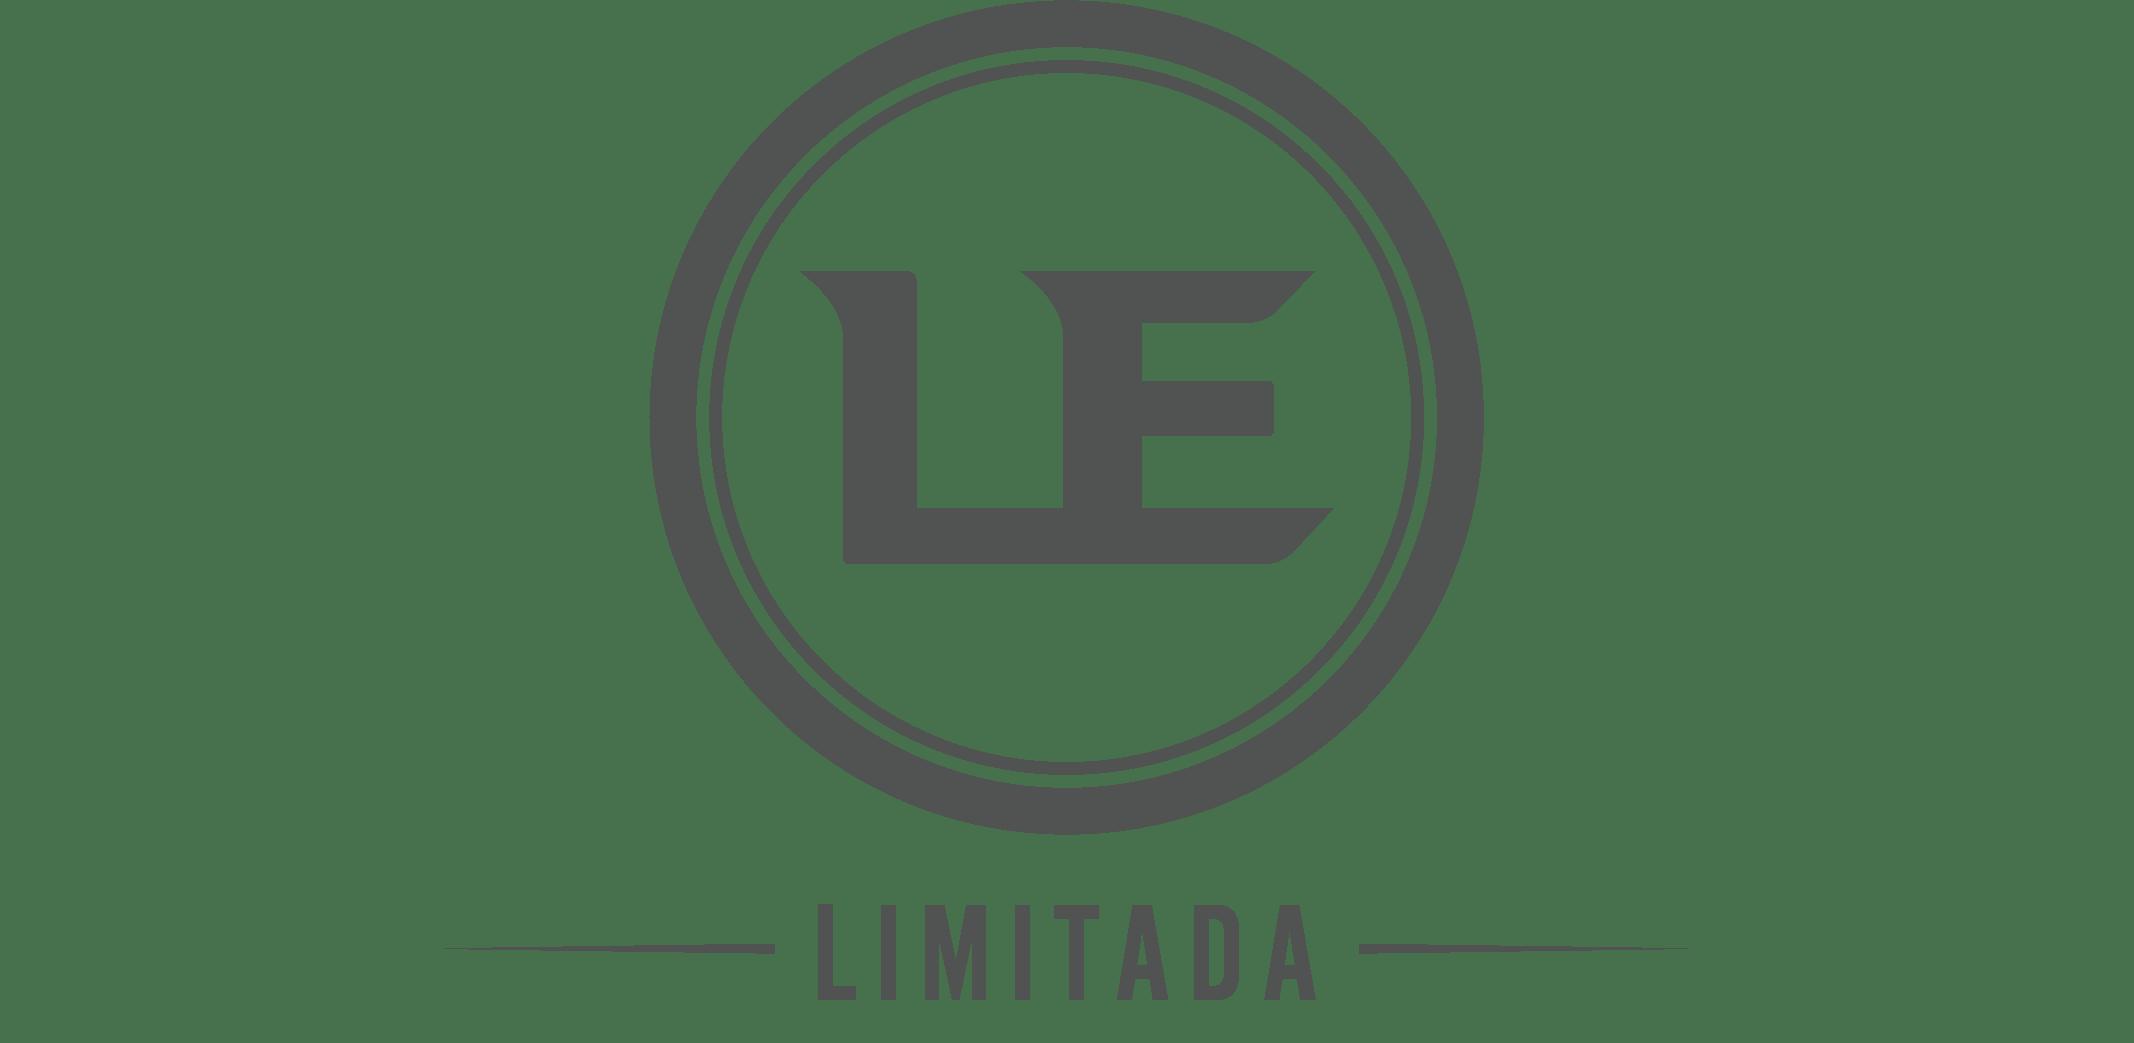 Limitada brand logo